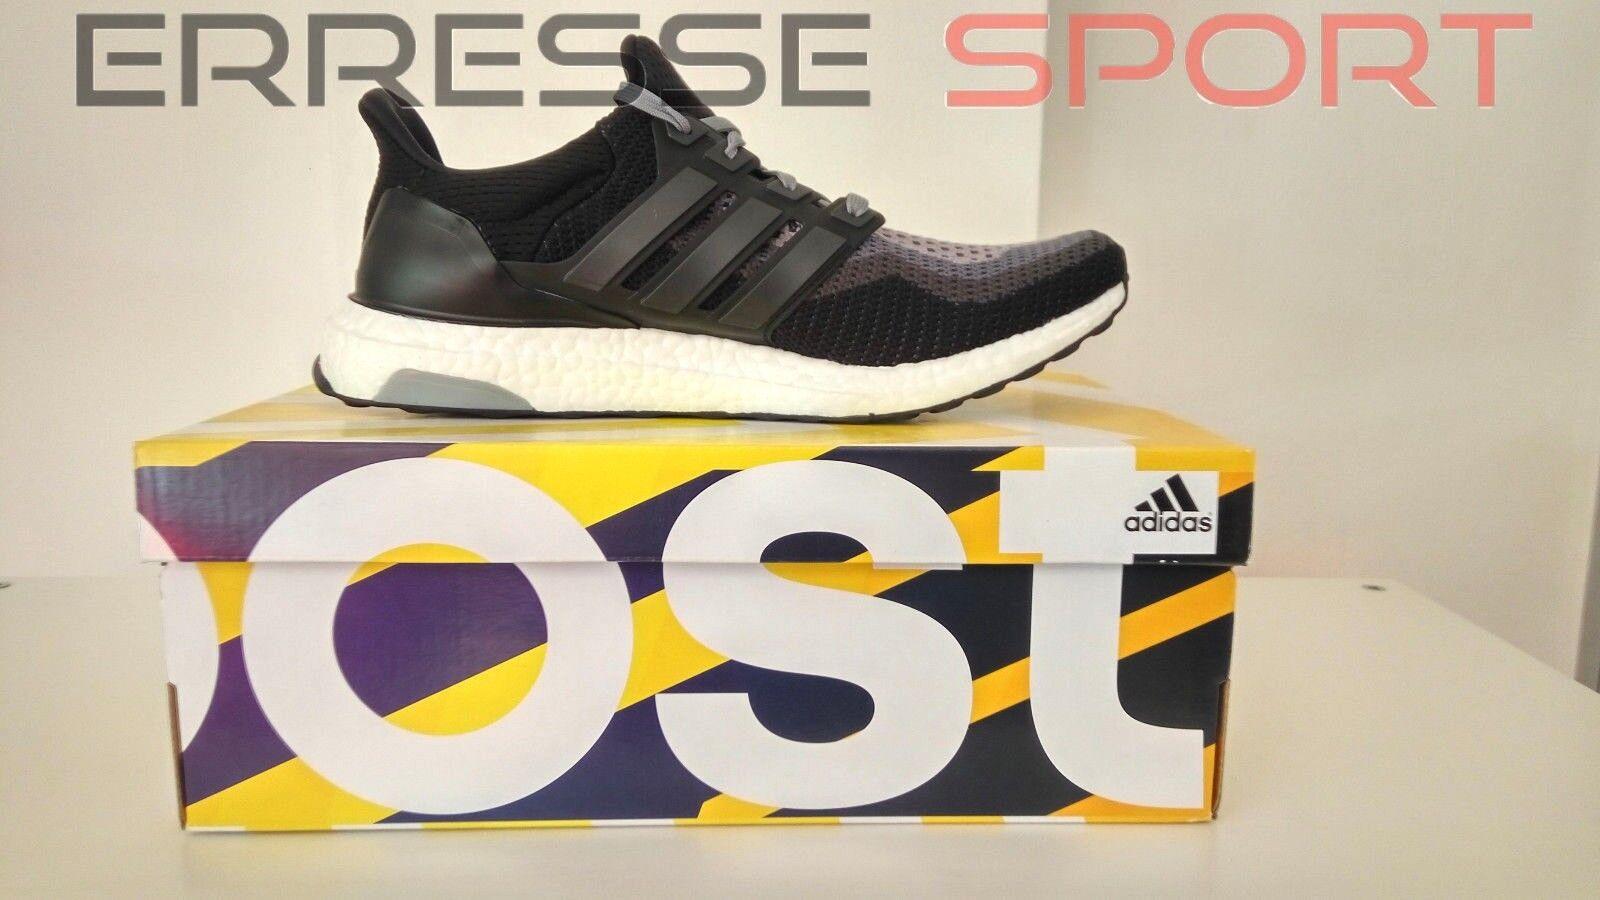 Adidas Ultra Boost nere corriendo m corriendo nere corsa zapatillas 5e54c0